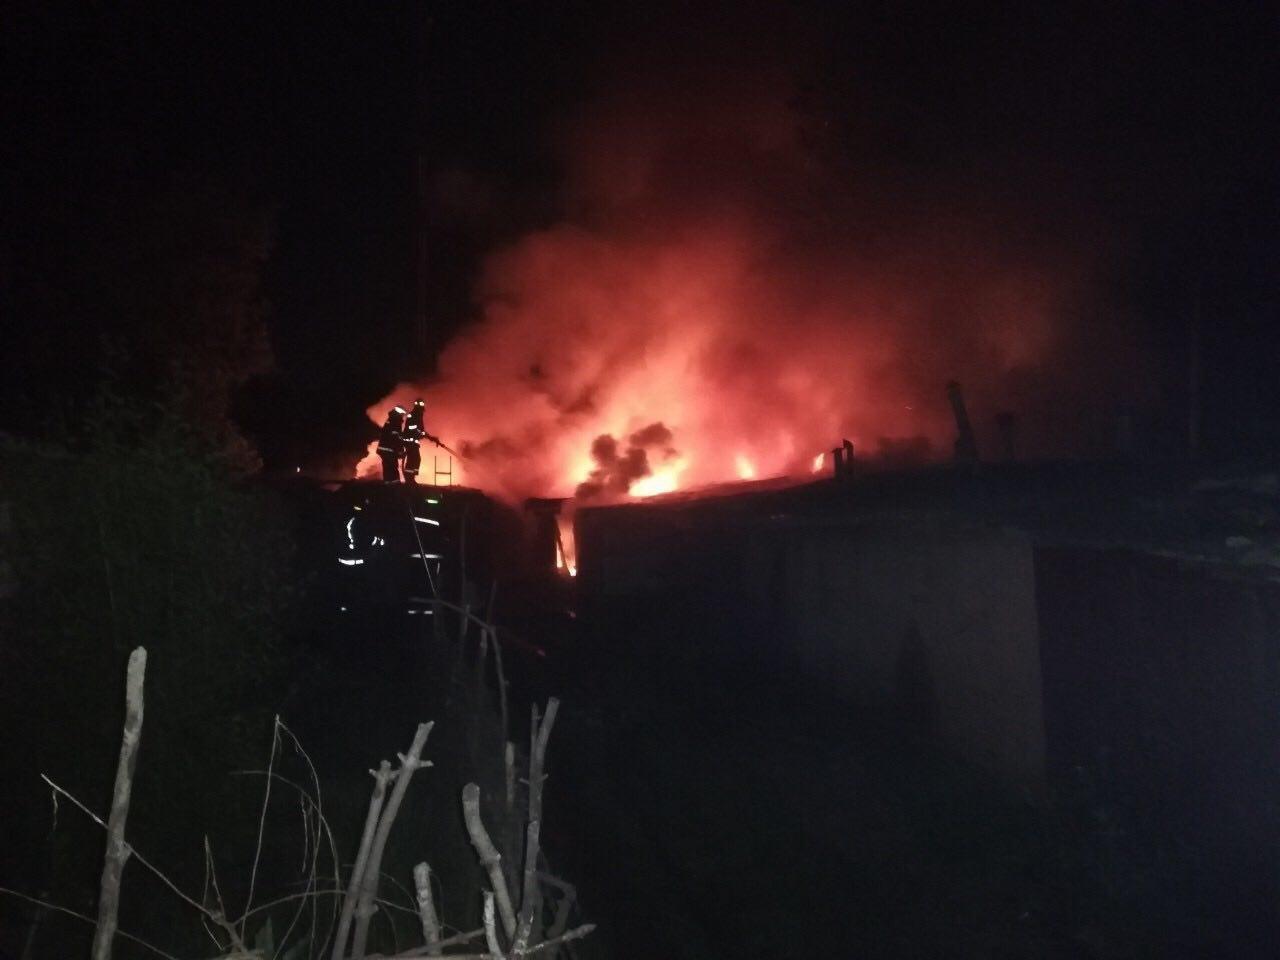 В Кривом Роге ночью сгорело несколько хозяйственных сооружений, - ФОТО , фото-3